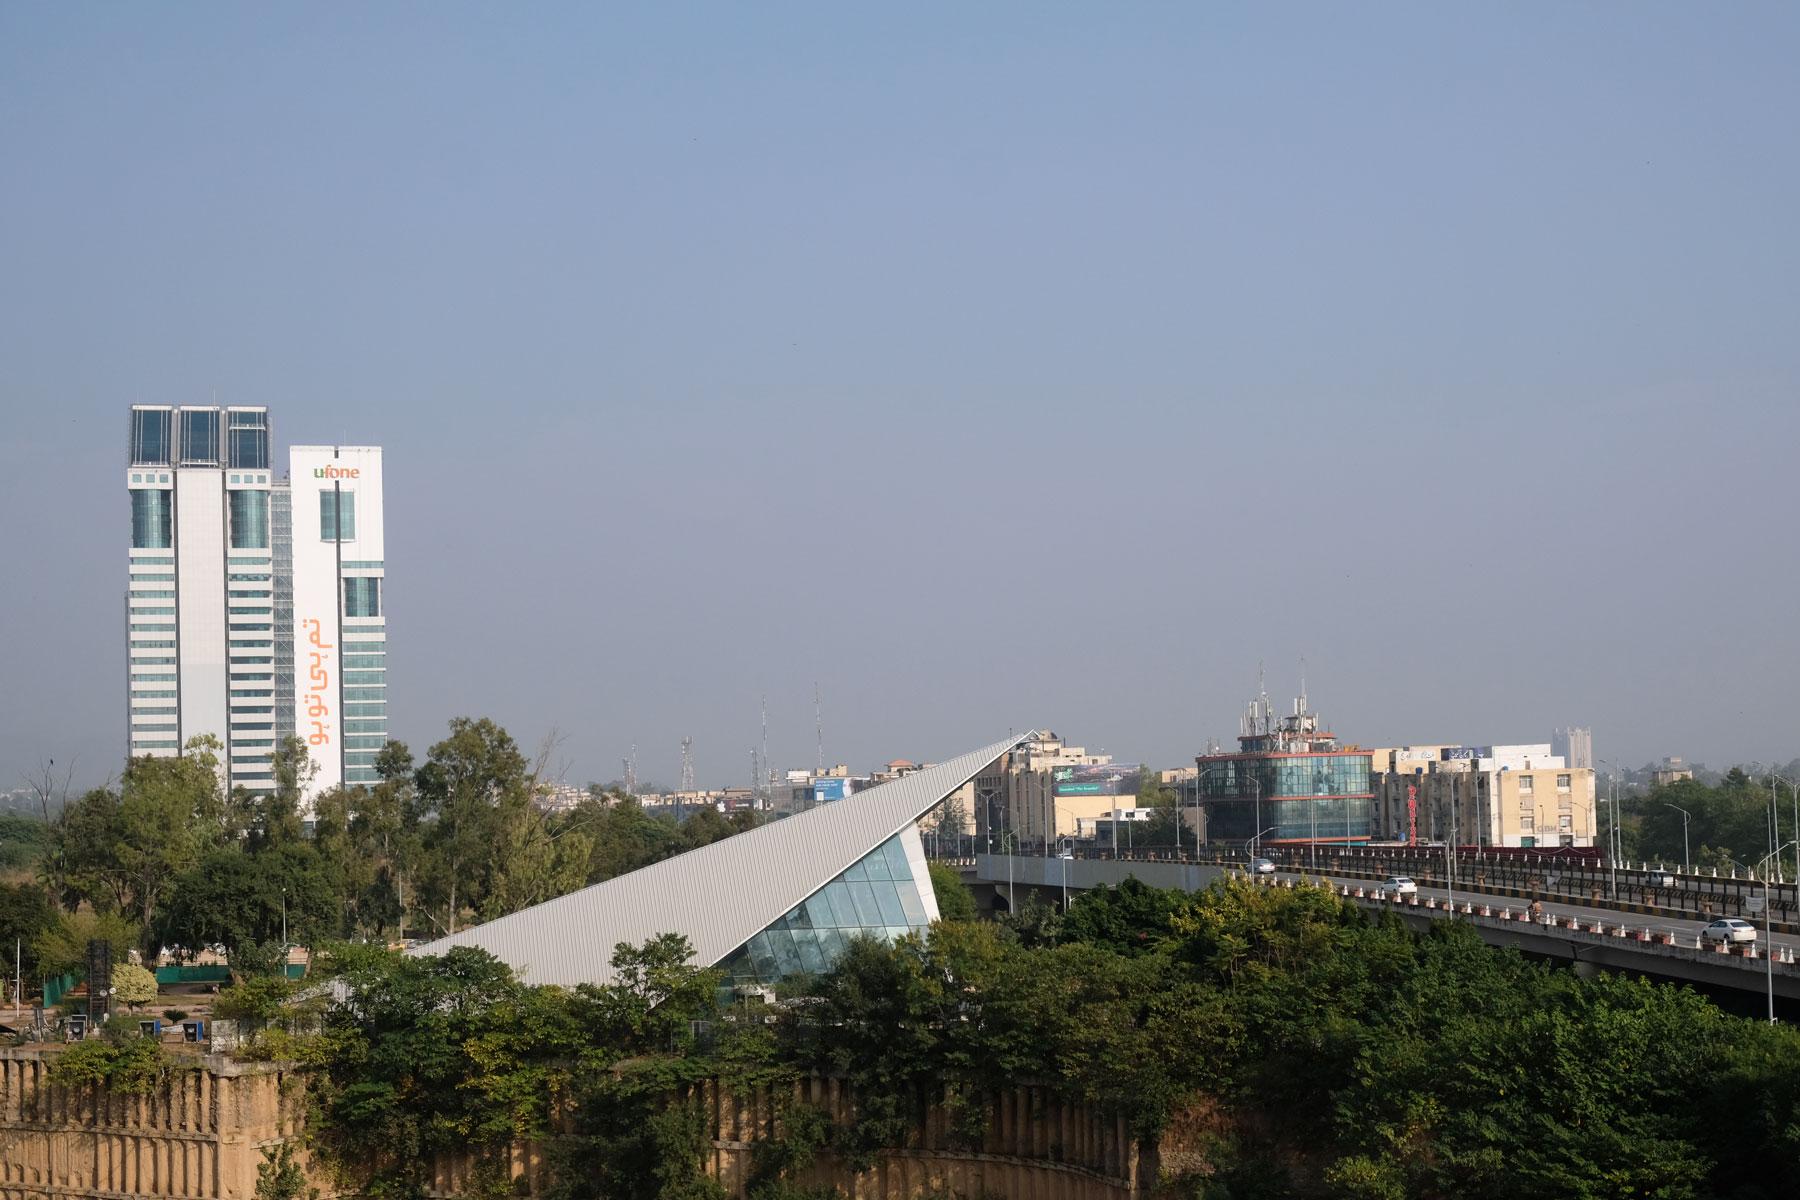 Islamabad ist überraschend grün und aufgeräumt